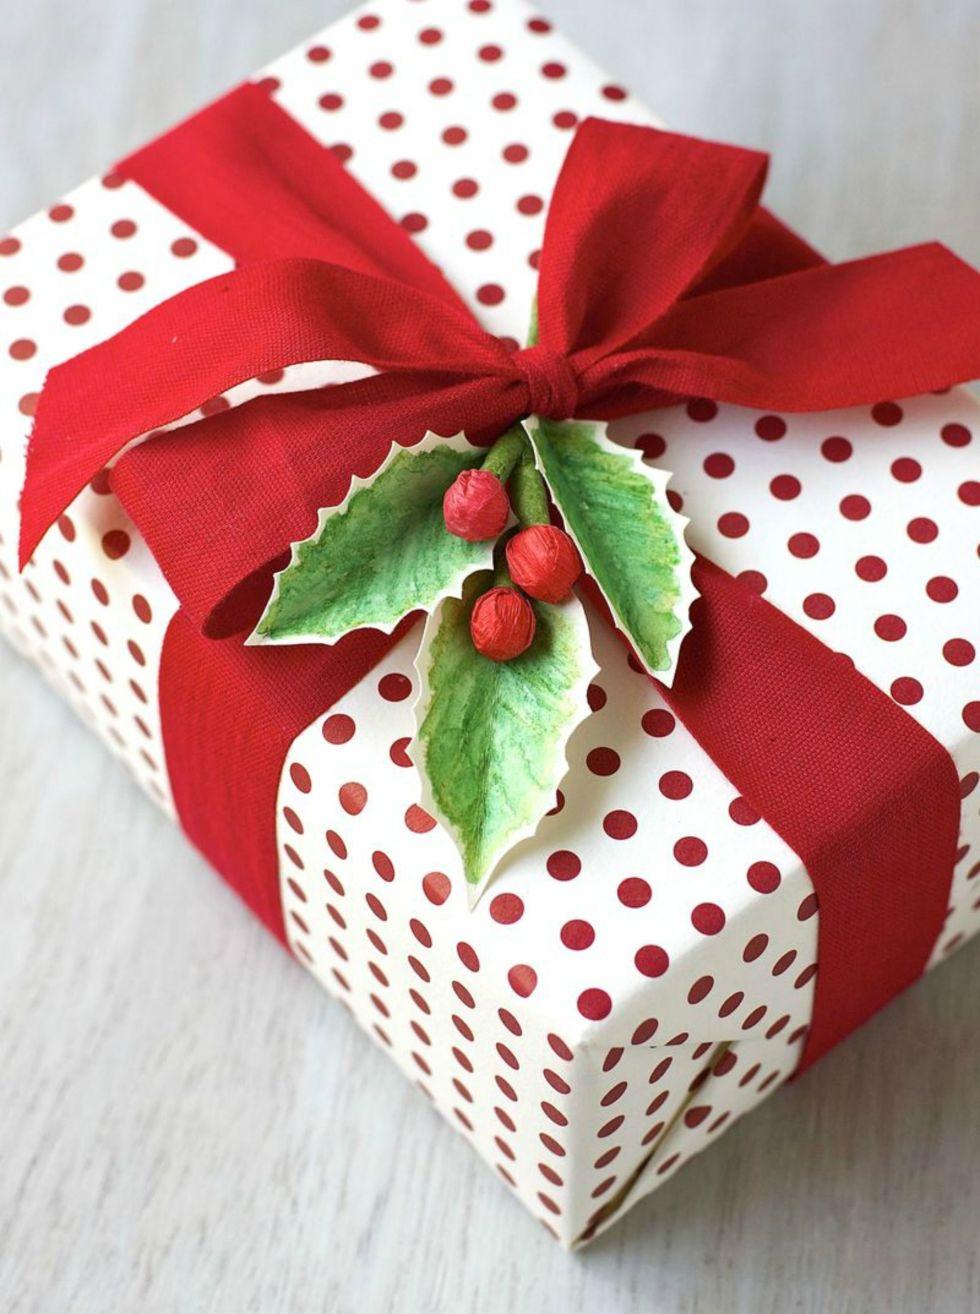 Αποτέλεσμα εικόνας για christmas wrapping ideas